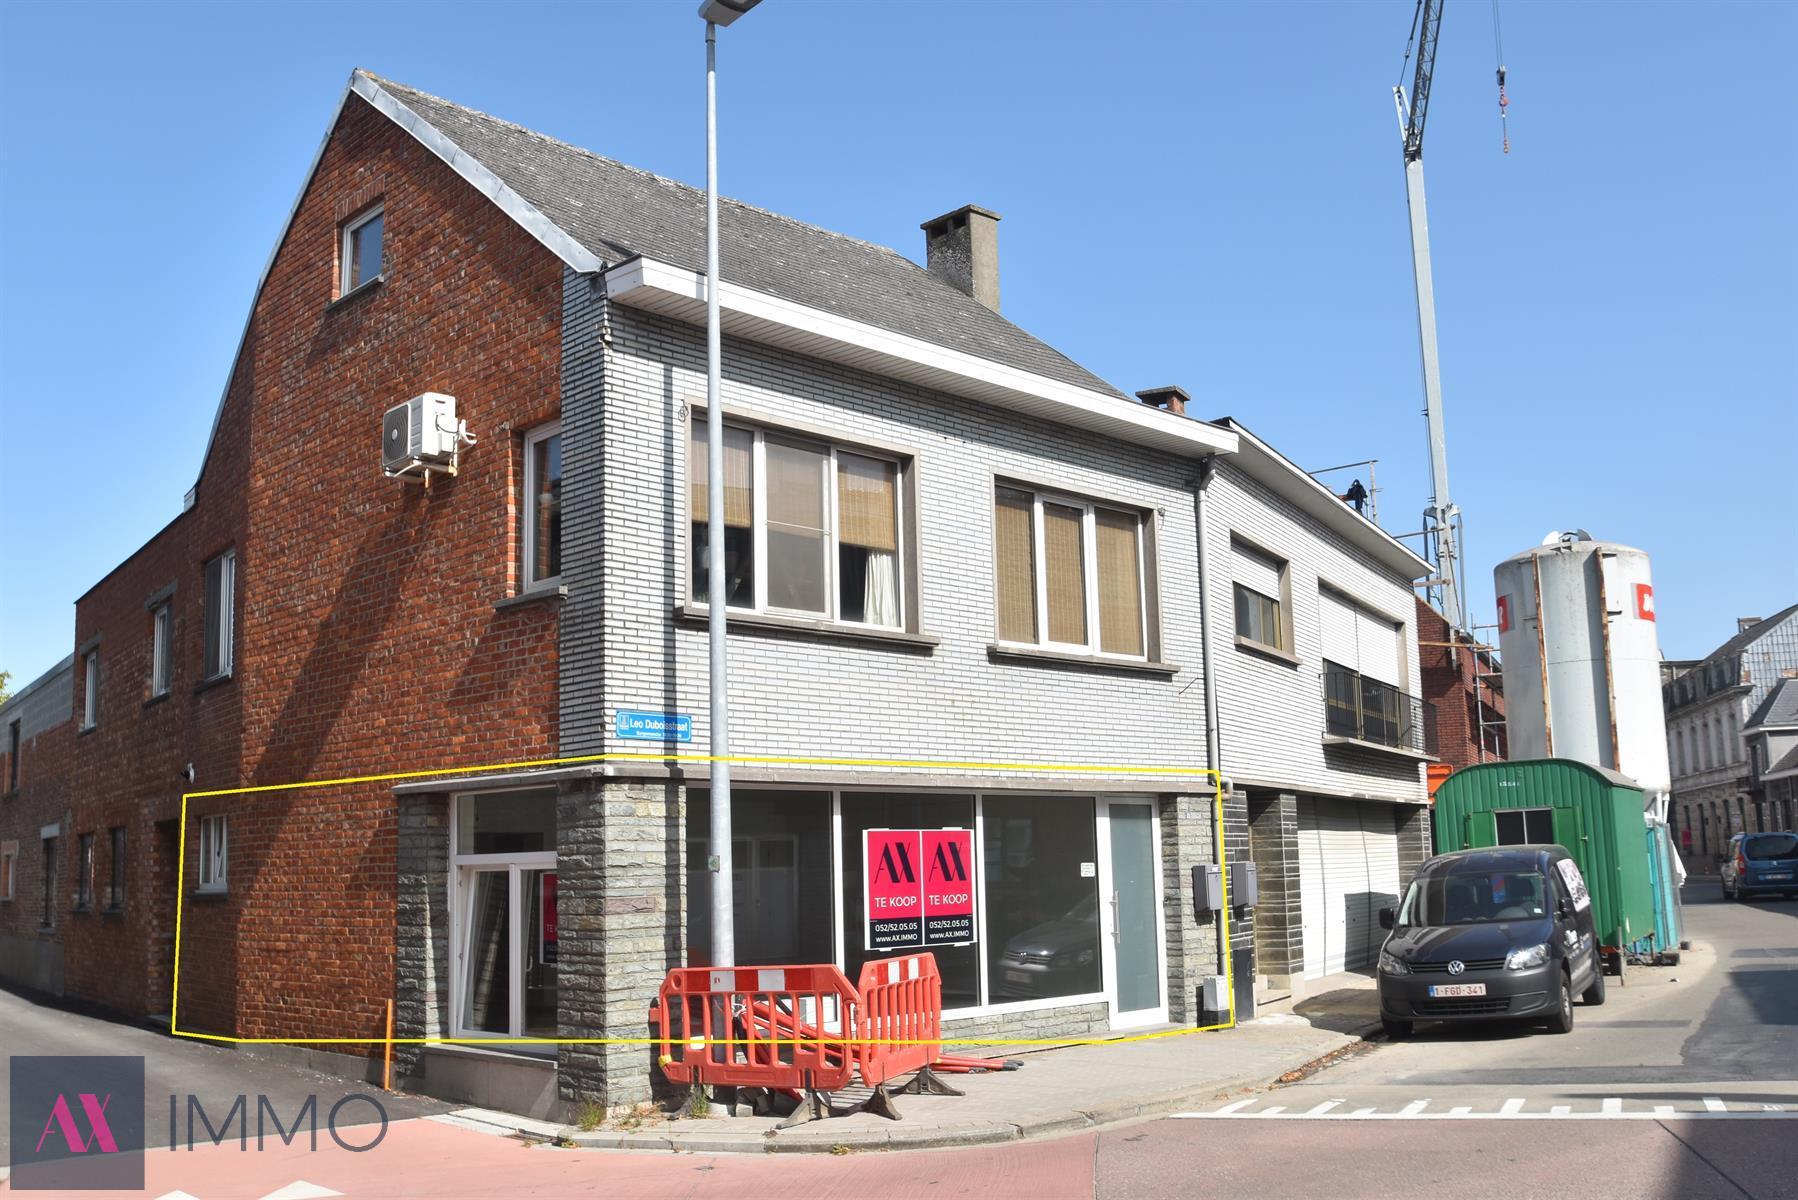 Op een commerciële ligging gelegen vernieuwd handelsgelijkvloers van 60 m² met grote etalage, gelegen nabij het centrum van Lebbeke